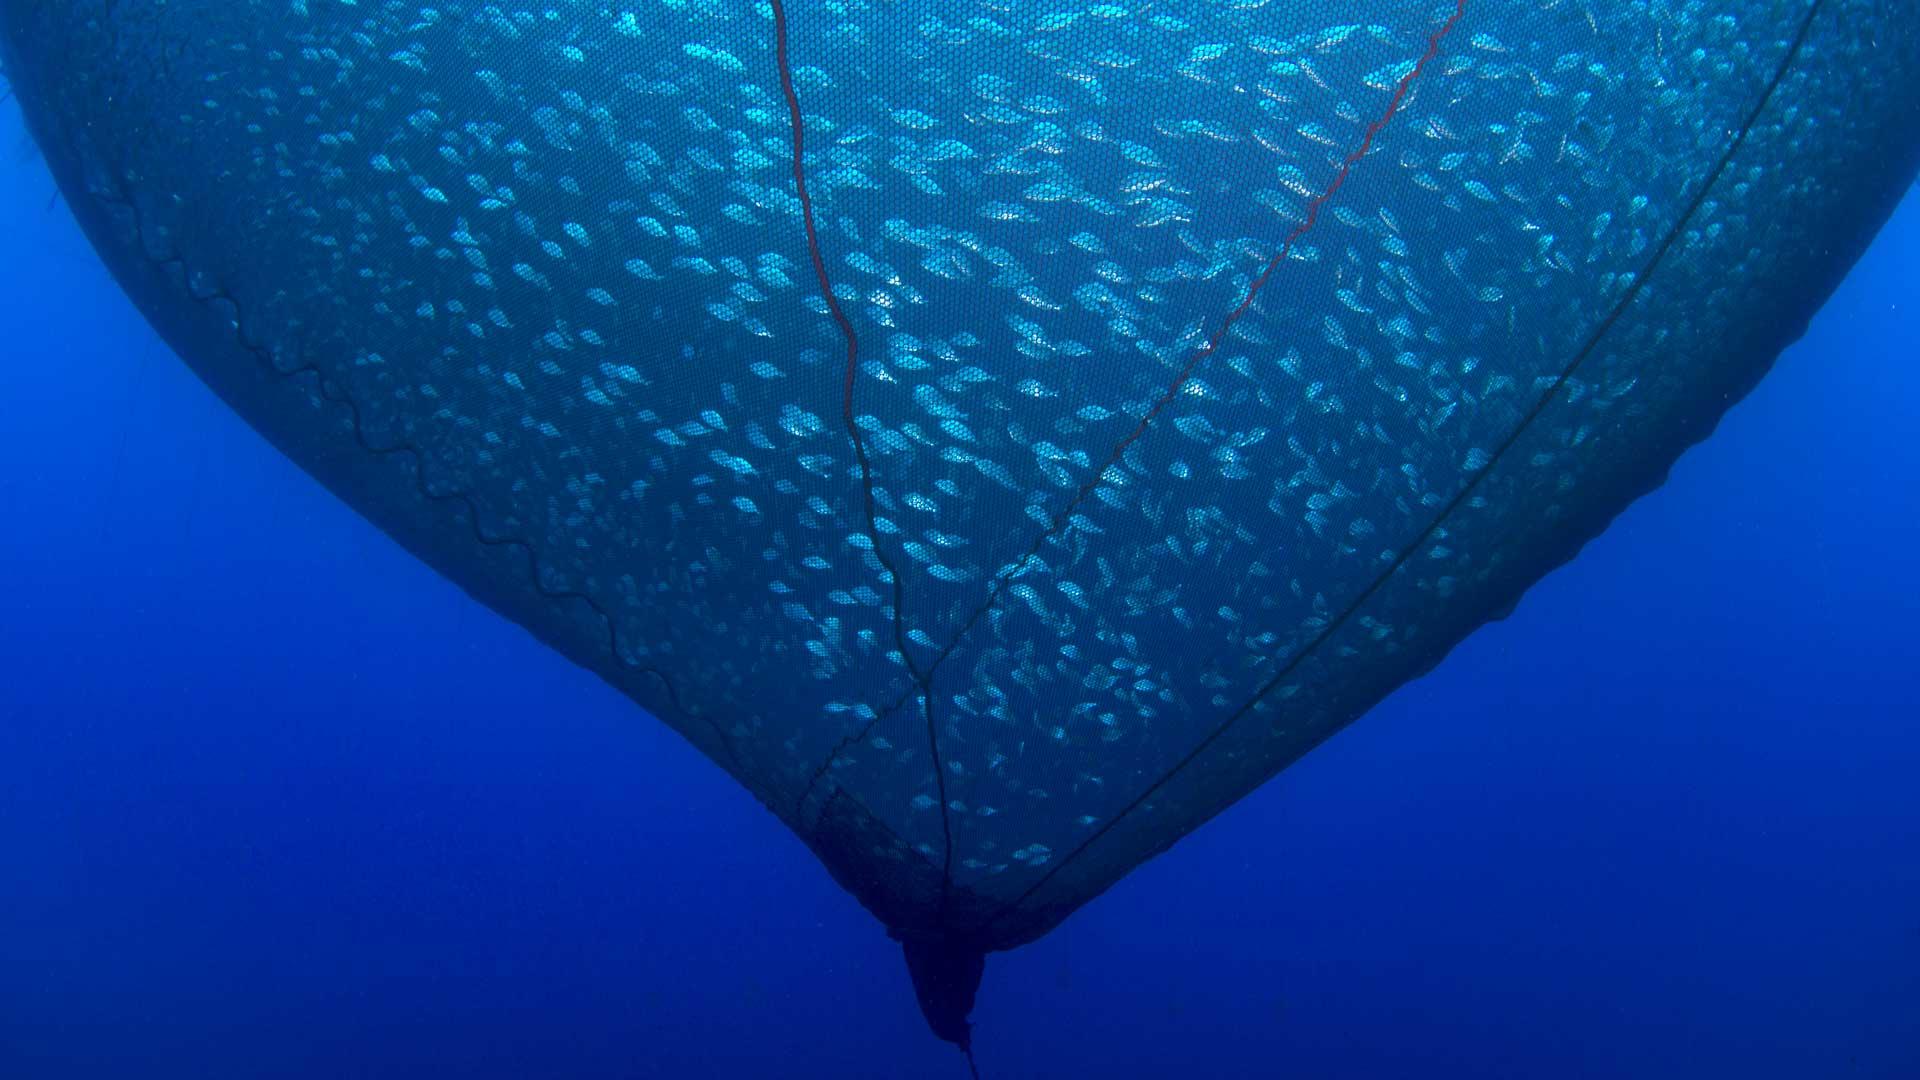 Fischerei-Subventionen befeuern die Überfischung. Es braucht endlich ein Abkommen dagegen. Doch die WTO handelt nicht.